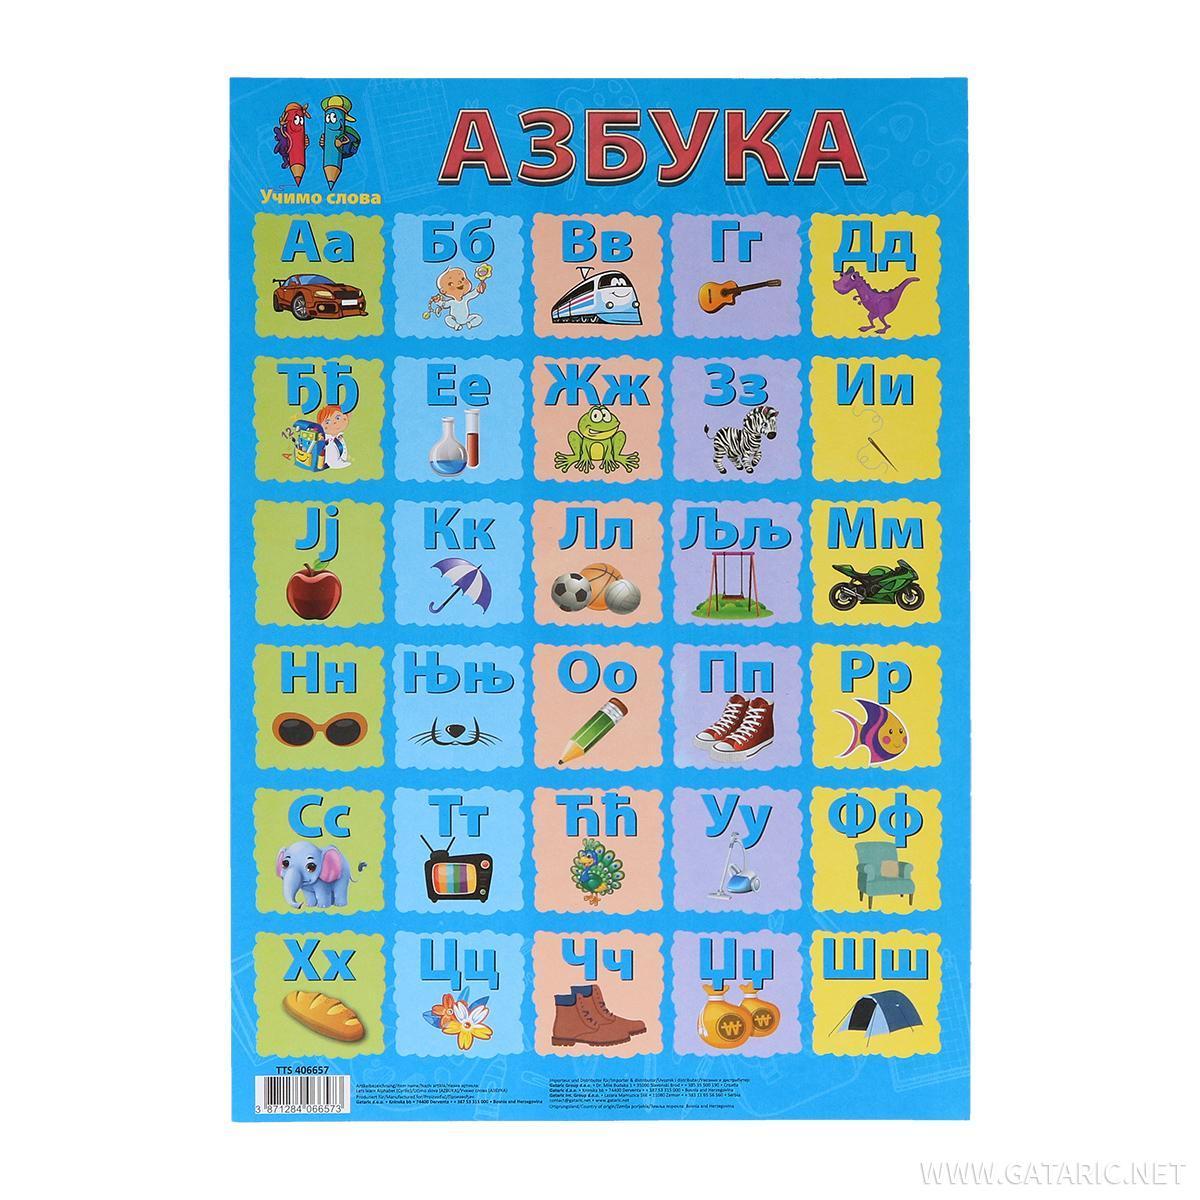 Učimo slova (Azbuka) 46x67cm